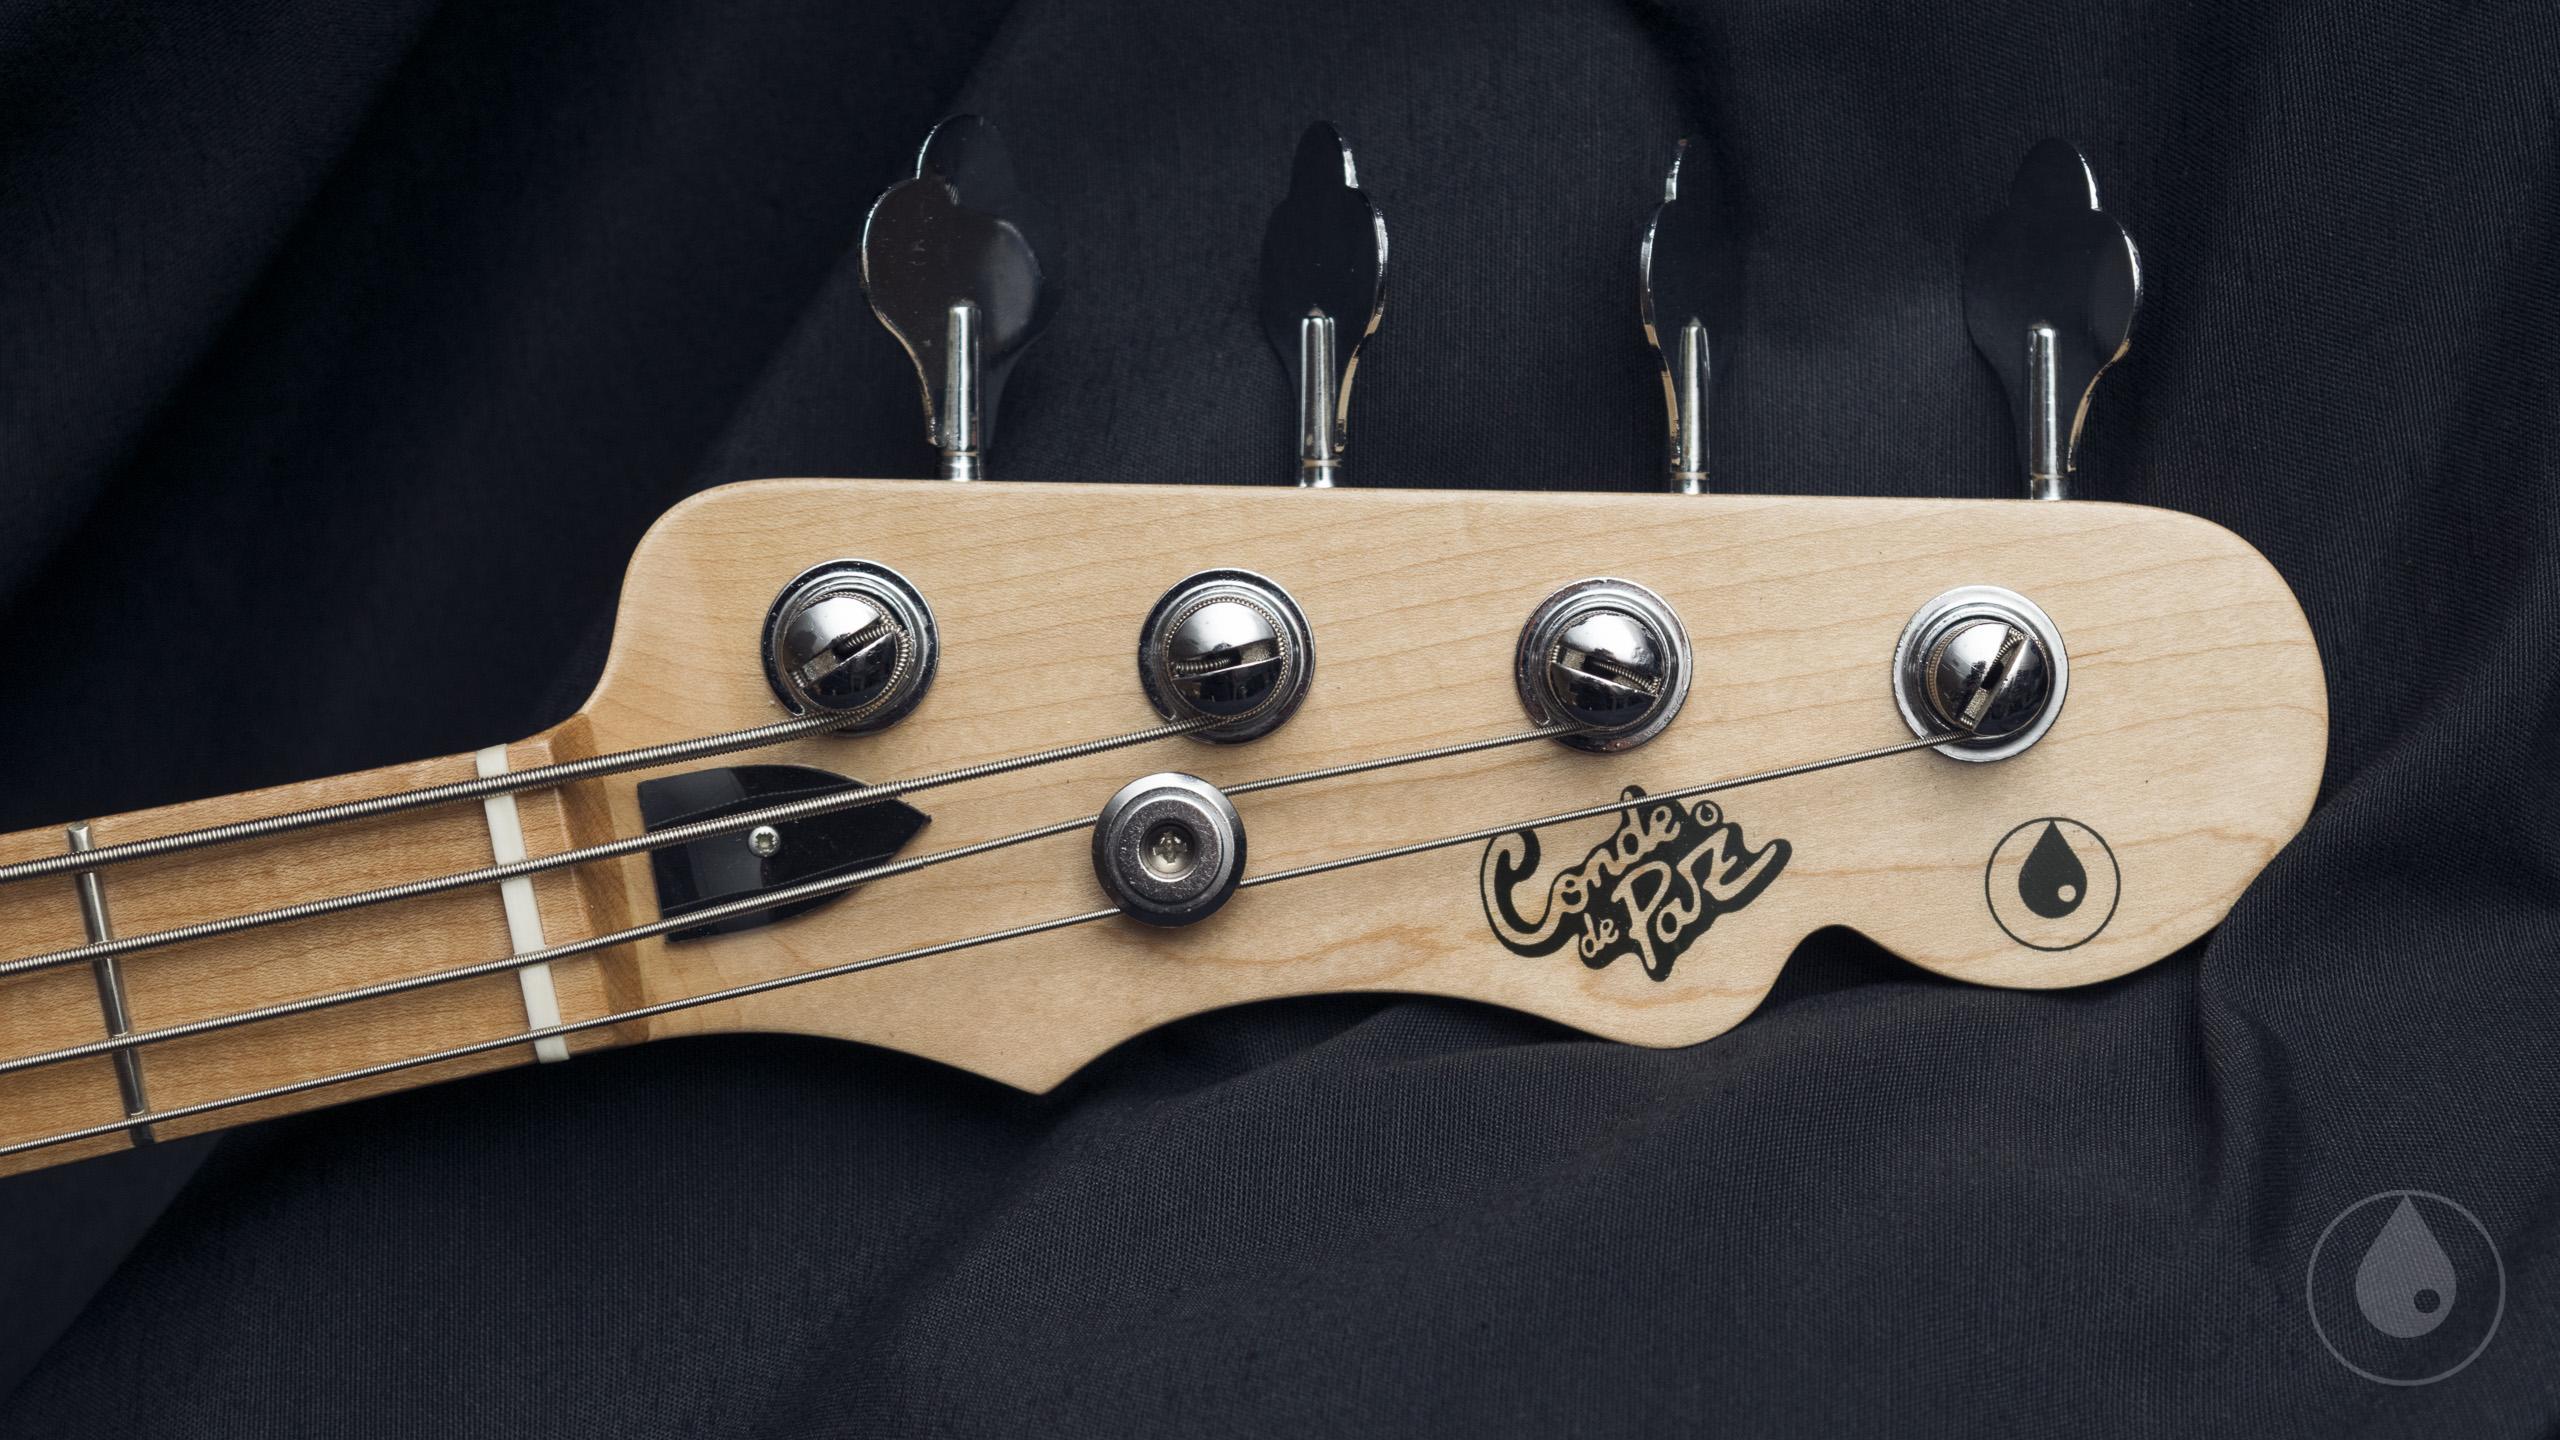 p-bass-6